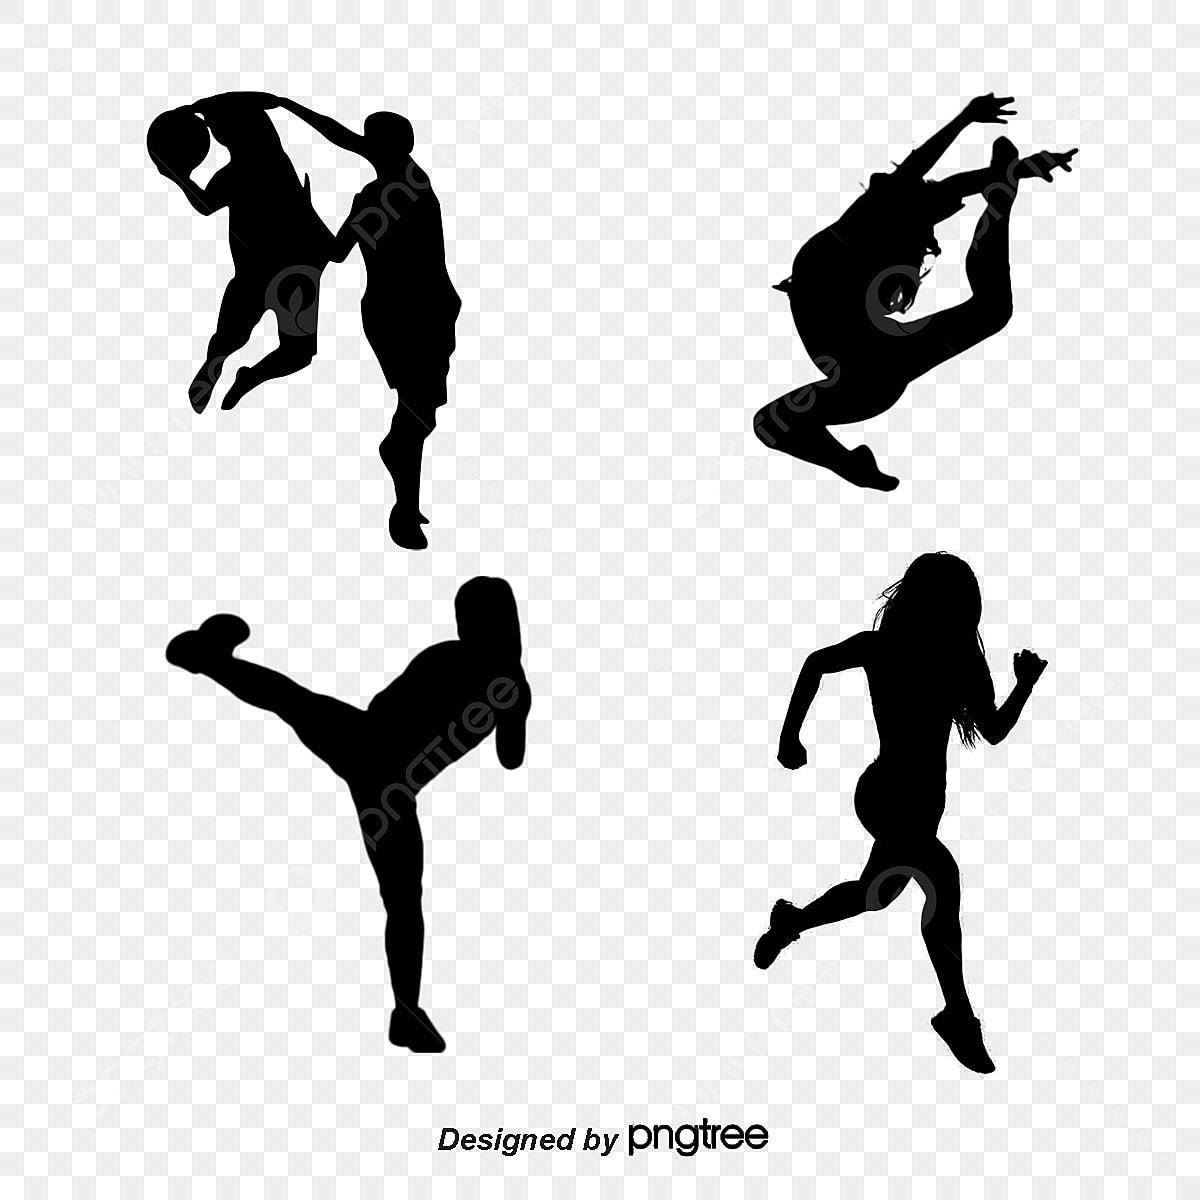 Siluetas De Figuras Deportivas Educación Física Movimiento Personaje Png Y Psd Para Descargar Gratis Pngtree